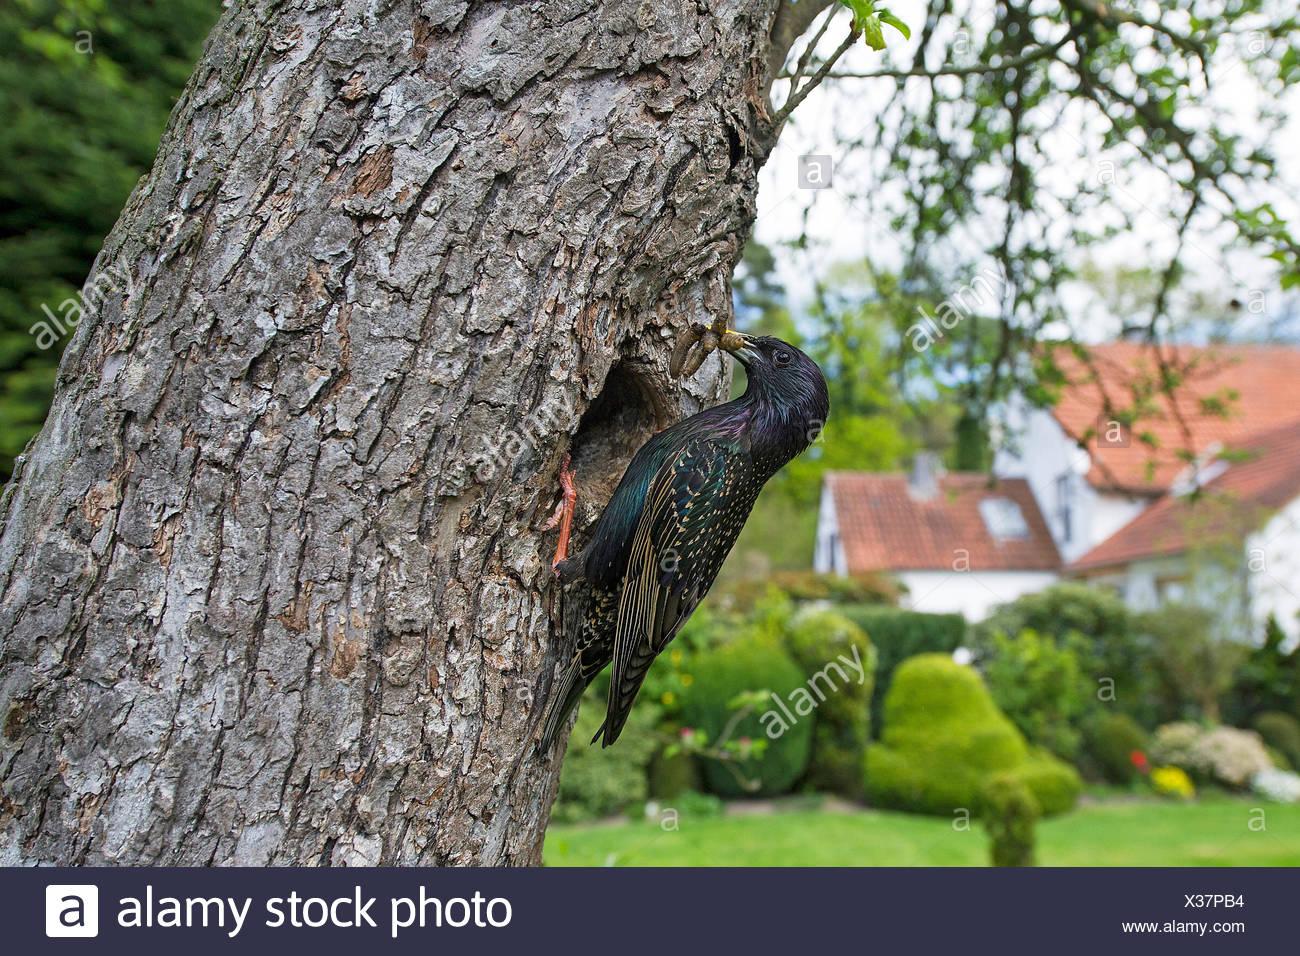 Star (Sturnus vulgaris), an seiner Bruthoehle mit Futter im Schnabel, Deutschland, NRW | common starling (Sturnus vulgaris), at  - Stock Image